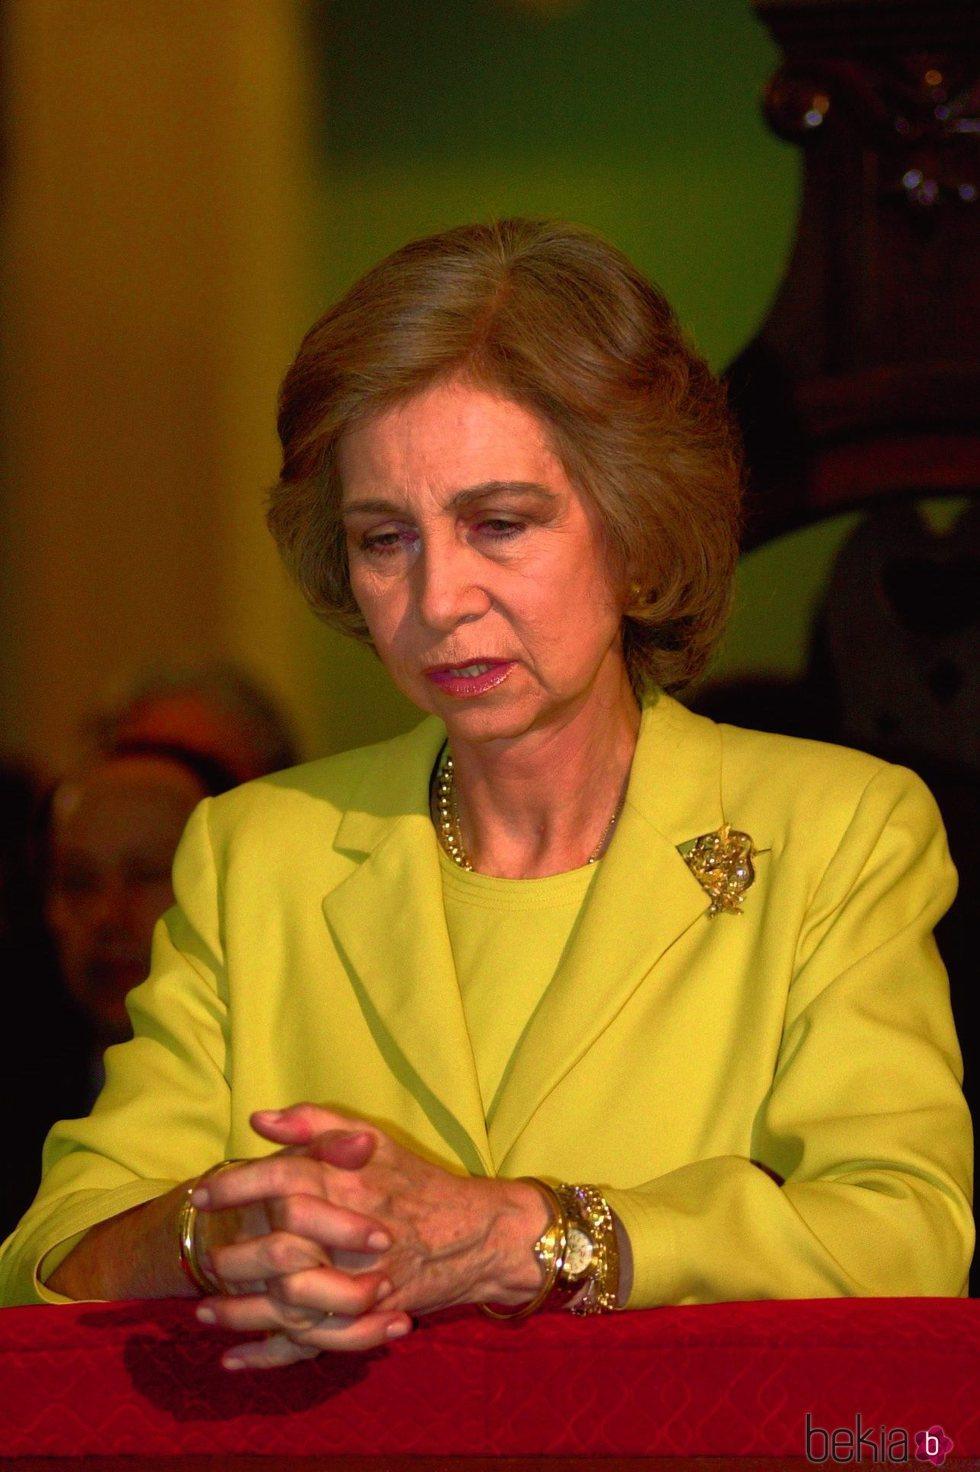 La Reina Sofía rezando